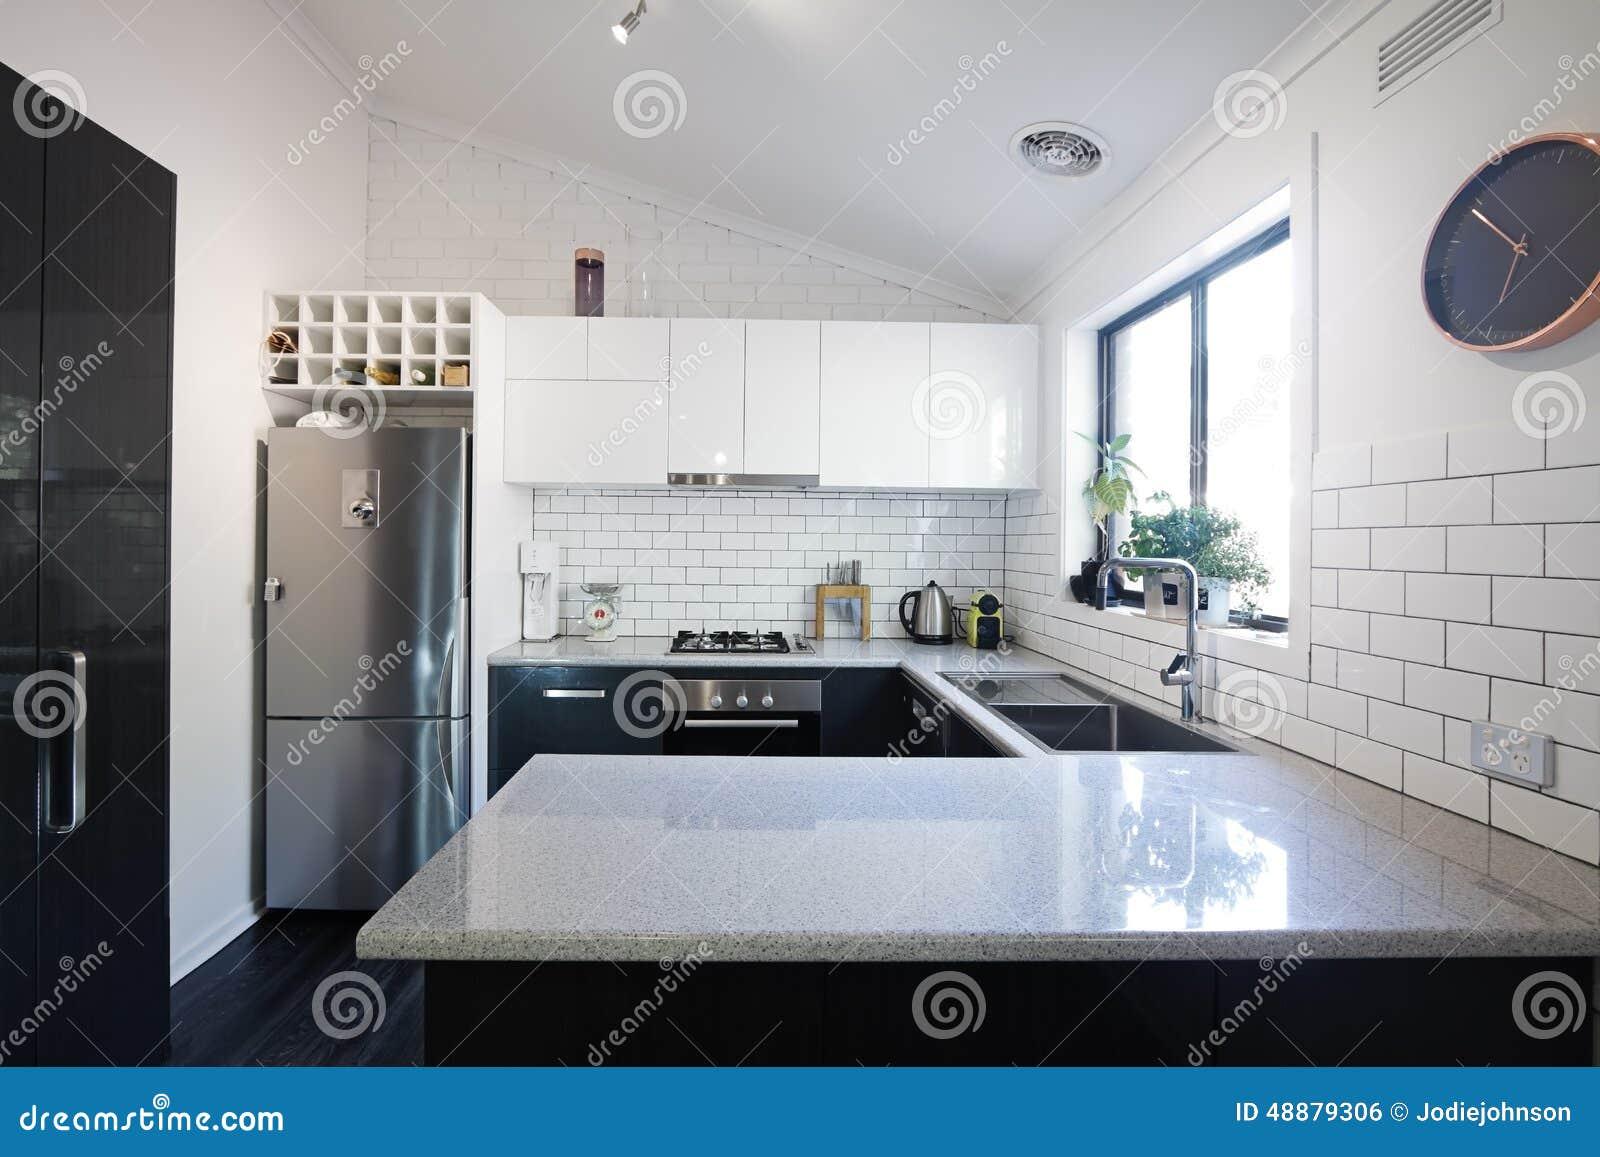 Nieuwe zwart witte eigentijdse keuken met metrotegels stock foto ...